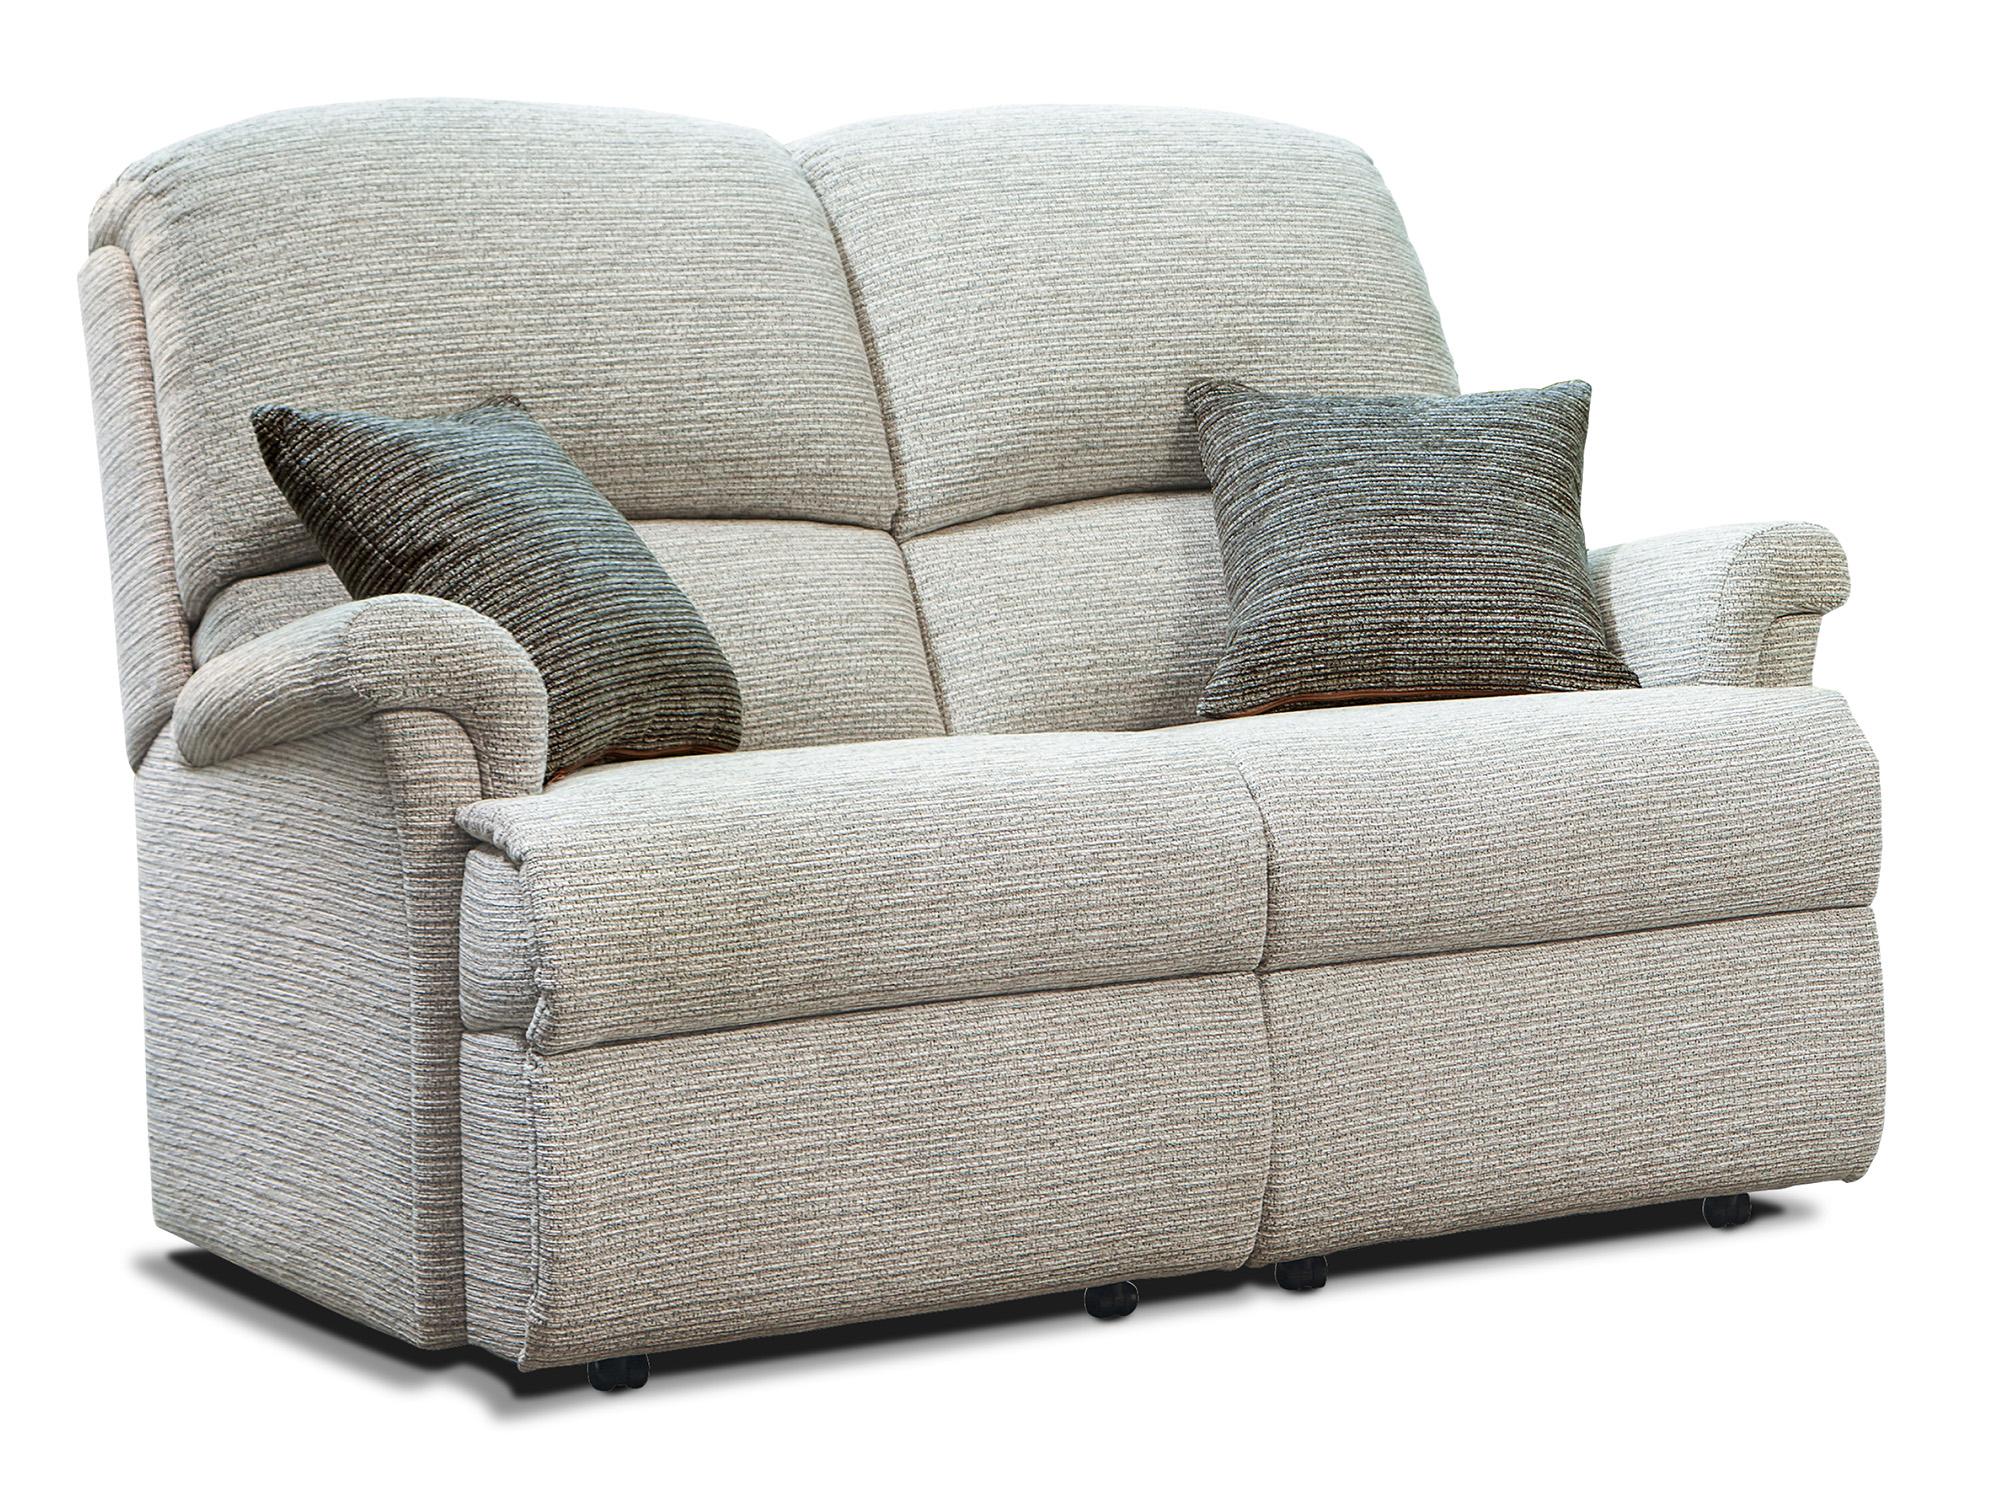 Nevada 2 Seater Sofa